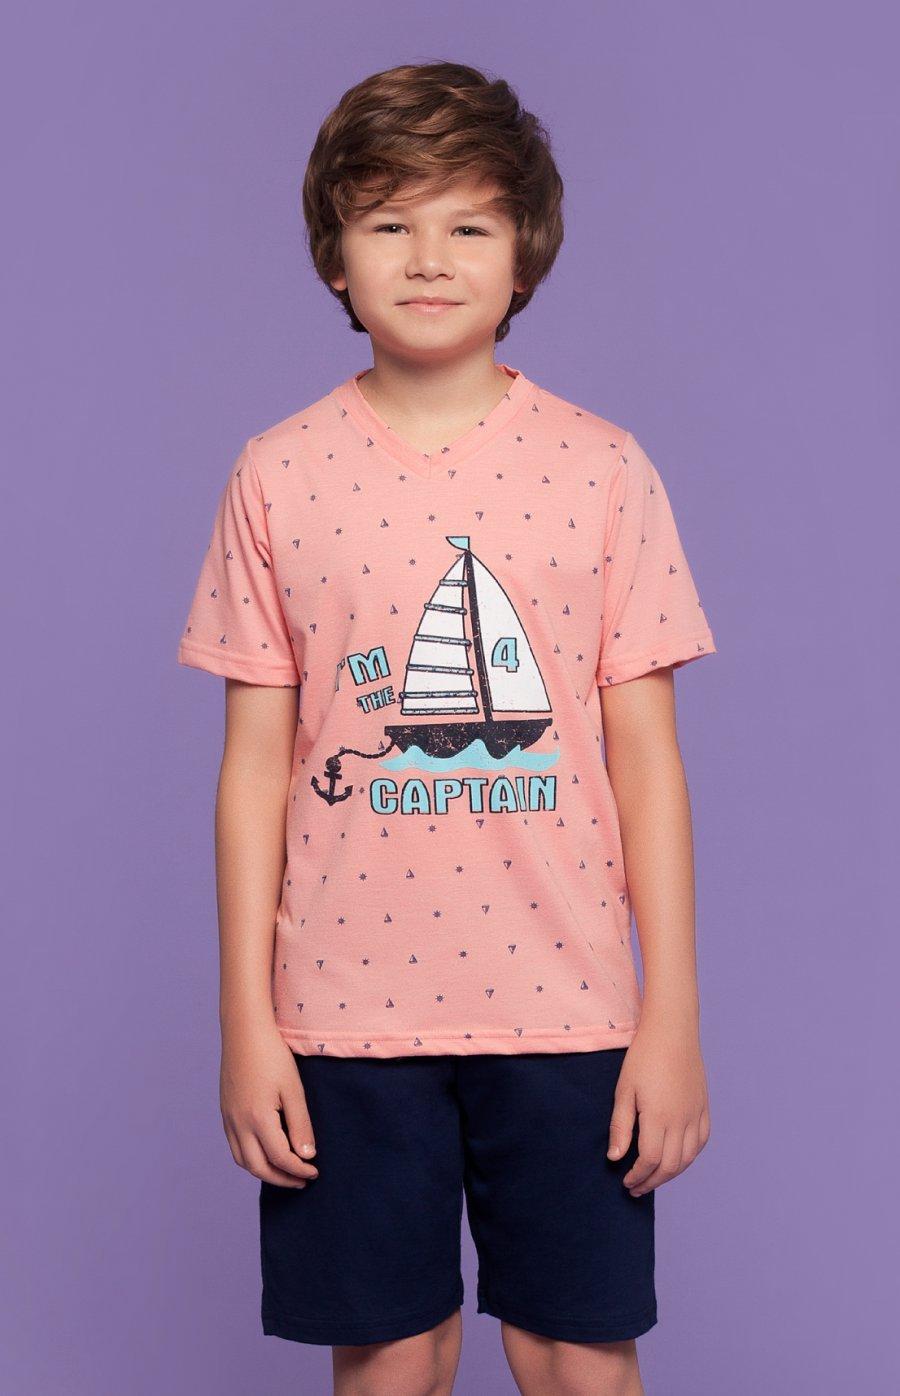 Pijama Infantil Eu Quero Praia Verão 2018